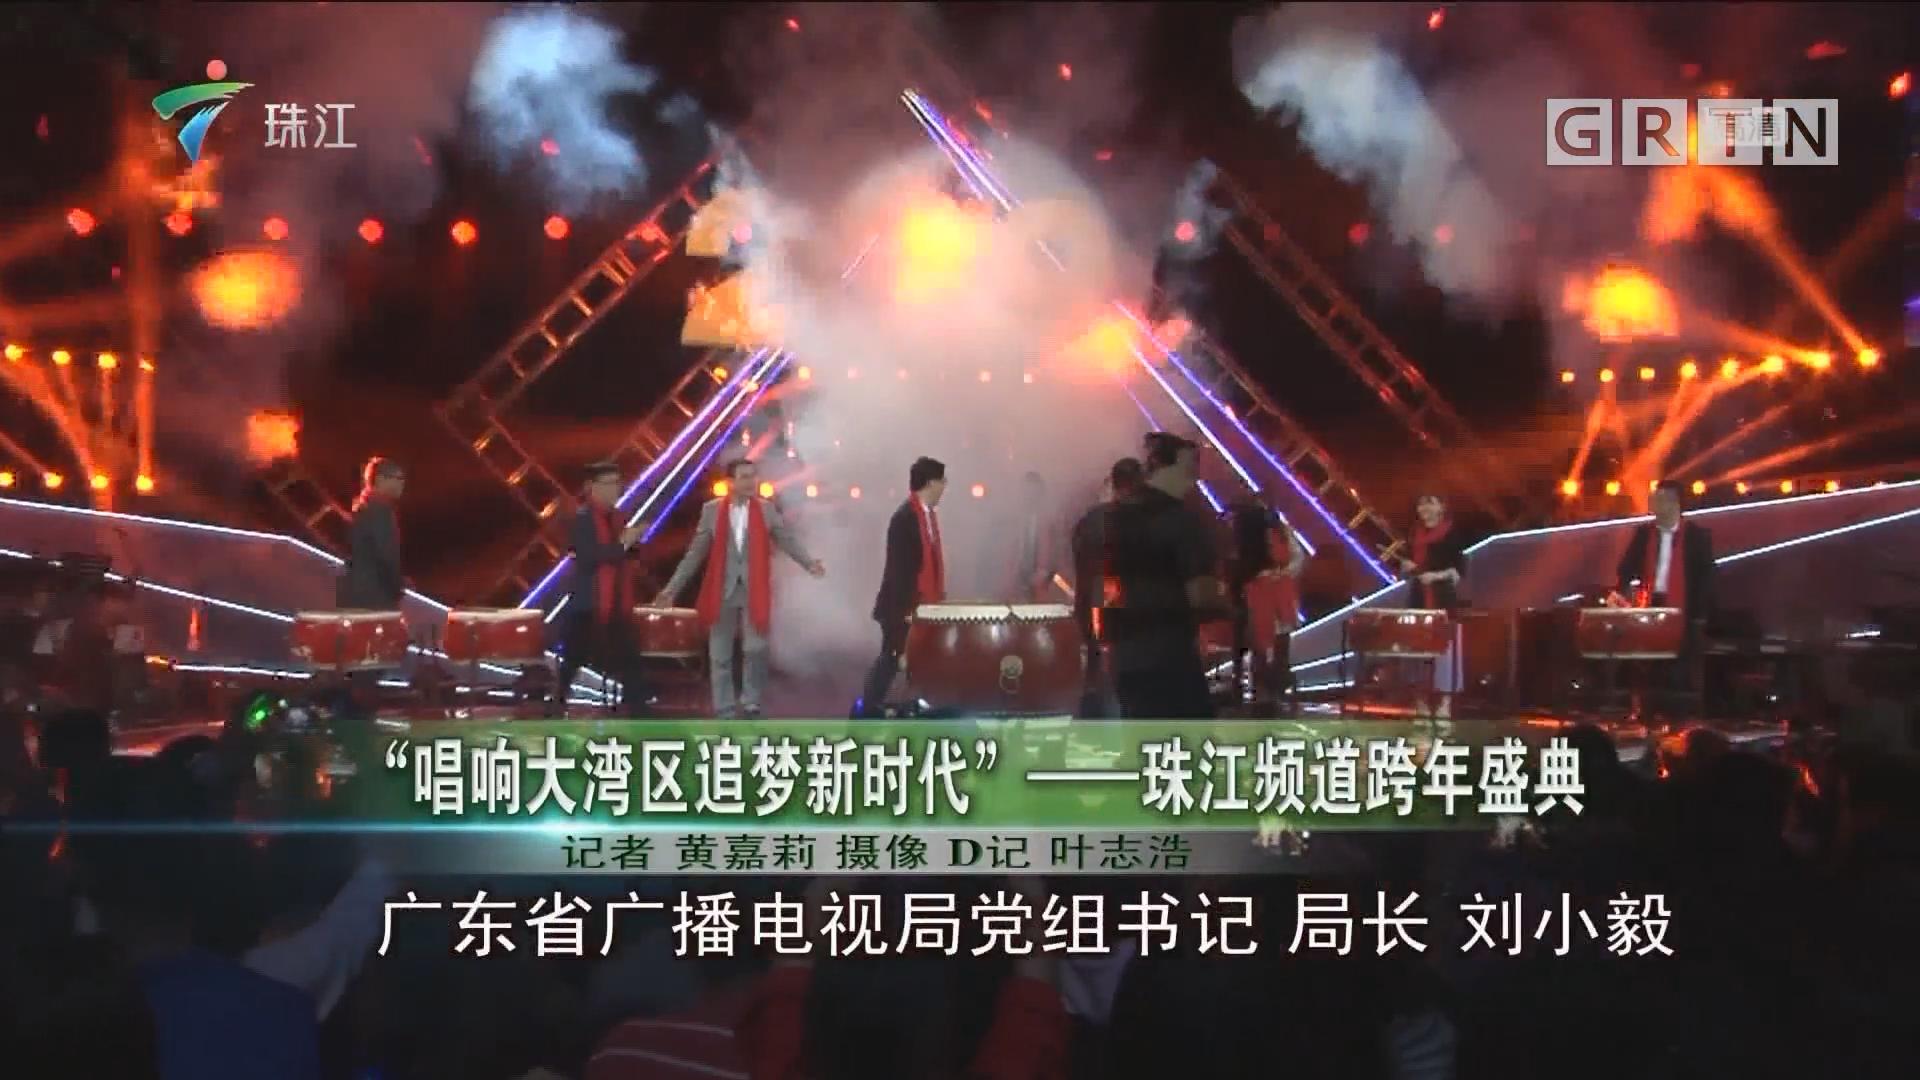 """""""唱响大湾区追梦新时代""""——珠江频道跨年盛典"""